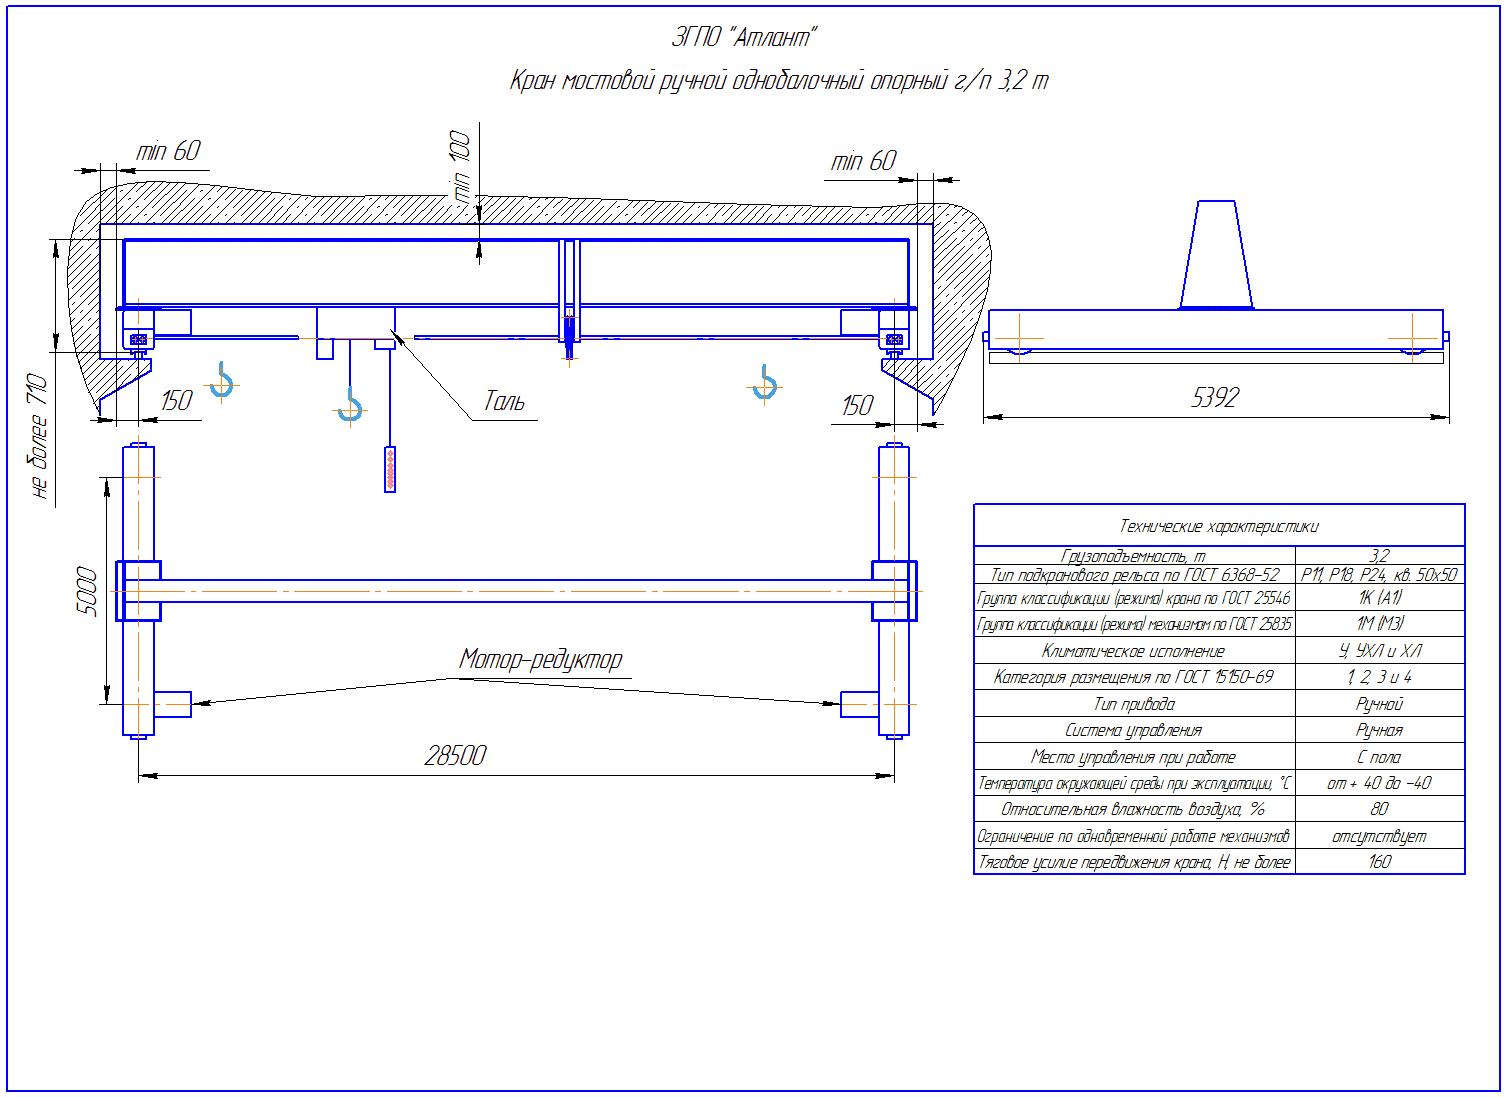 KRMOO 3 285 - Кран ручной мостовой опорный однобалочный